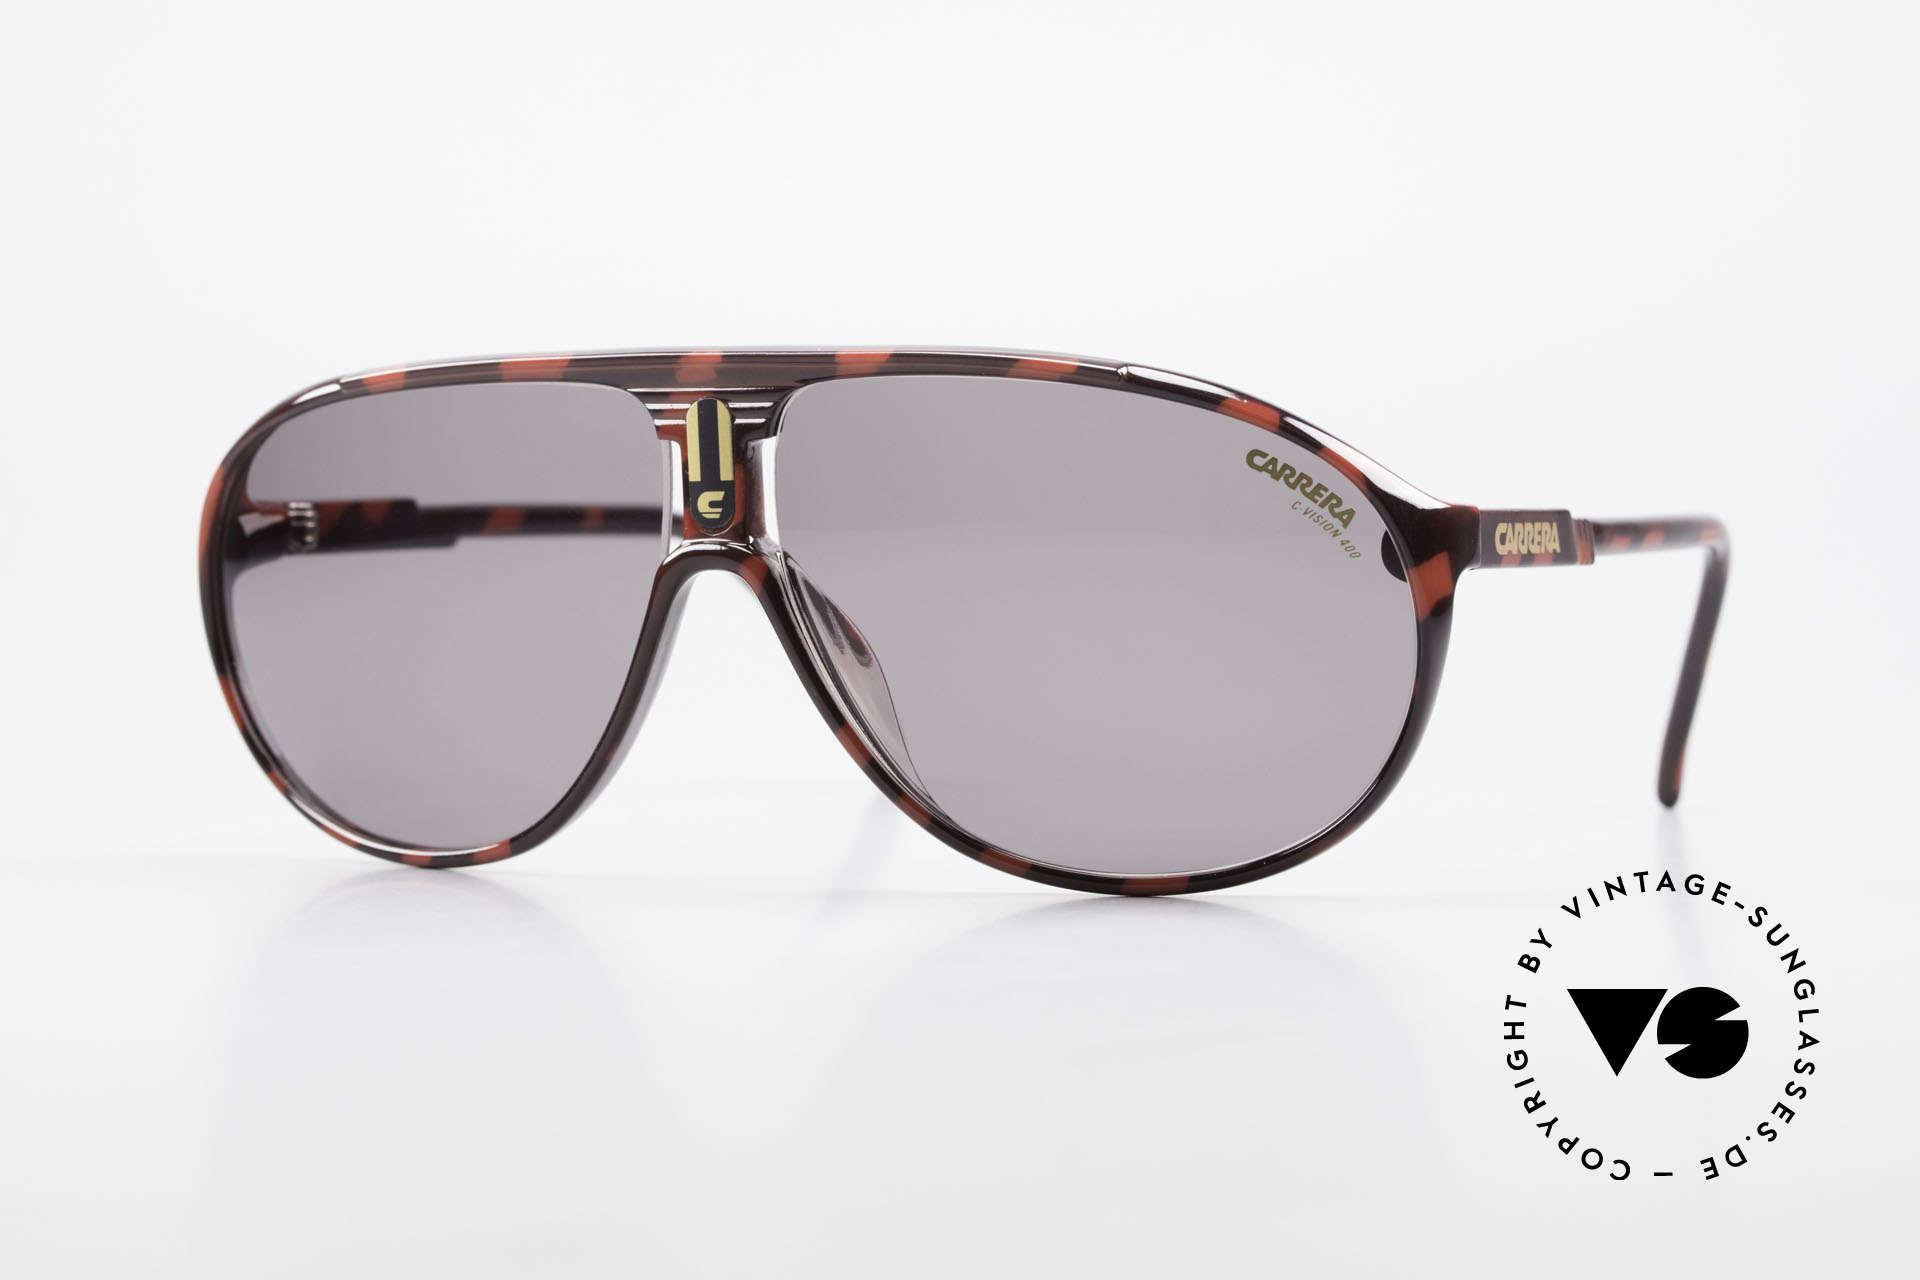 Carrera 5412 80er Sonnenbrille Optyl Sport, sportliche Carrera Sonnenbrille der Collection 1989/90, Passend für Herren und Damen